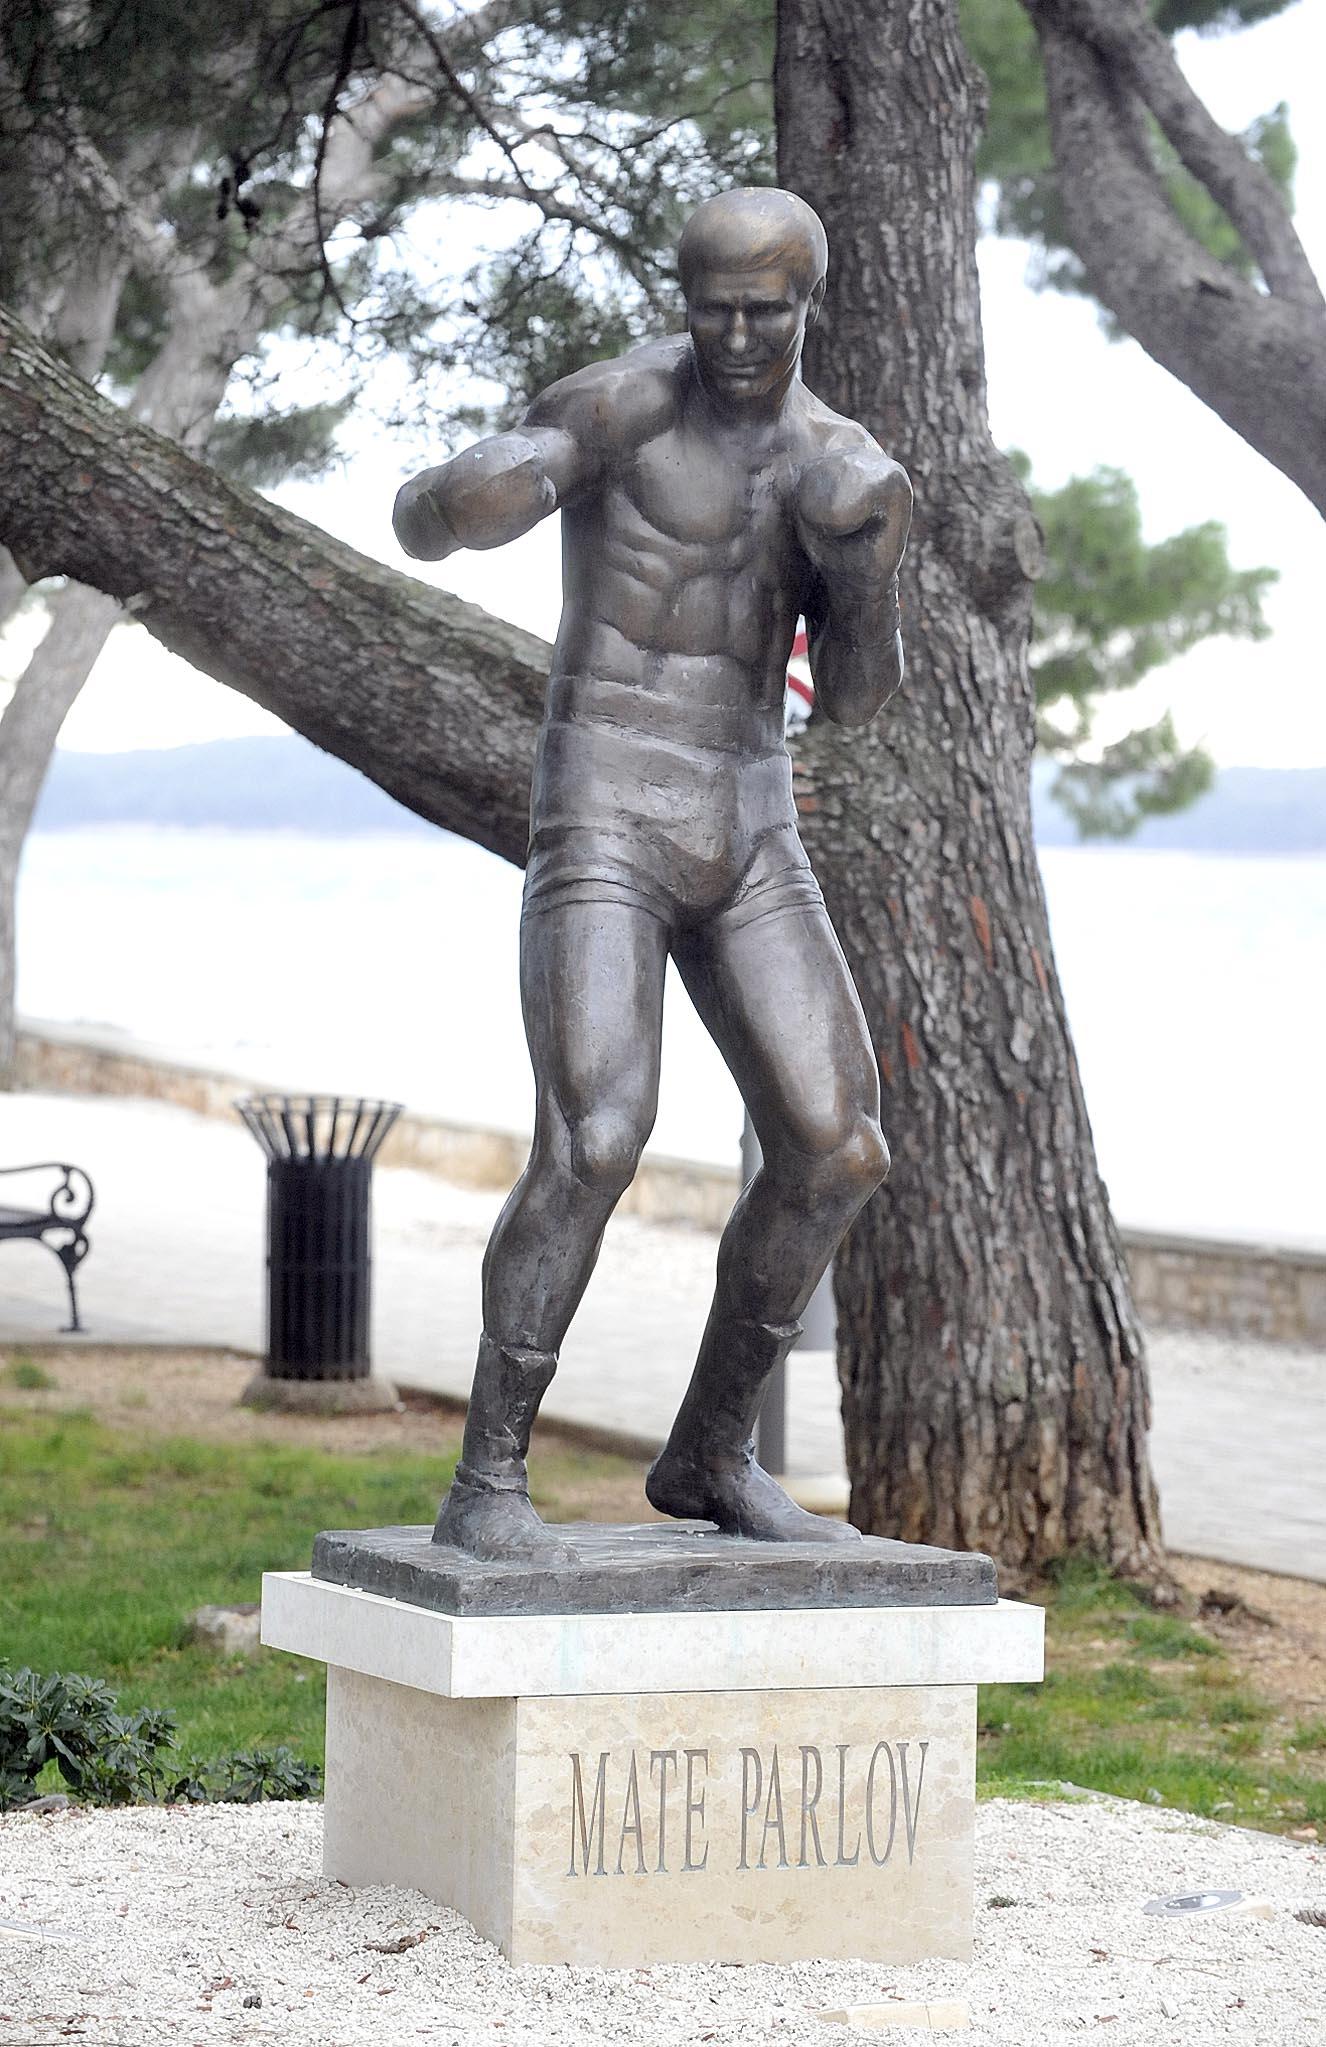 Ponosni da je čovjek poput Mate Parlova živio među nama, podigli su mu i spomenik / Snimio Sergej DRECHSLER